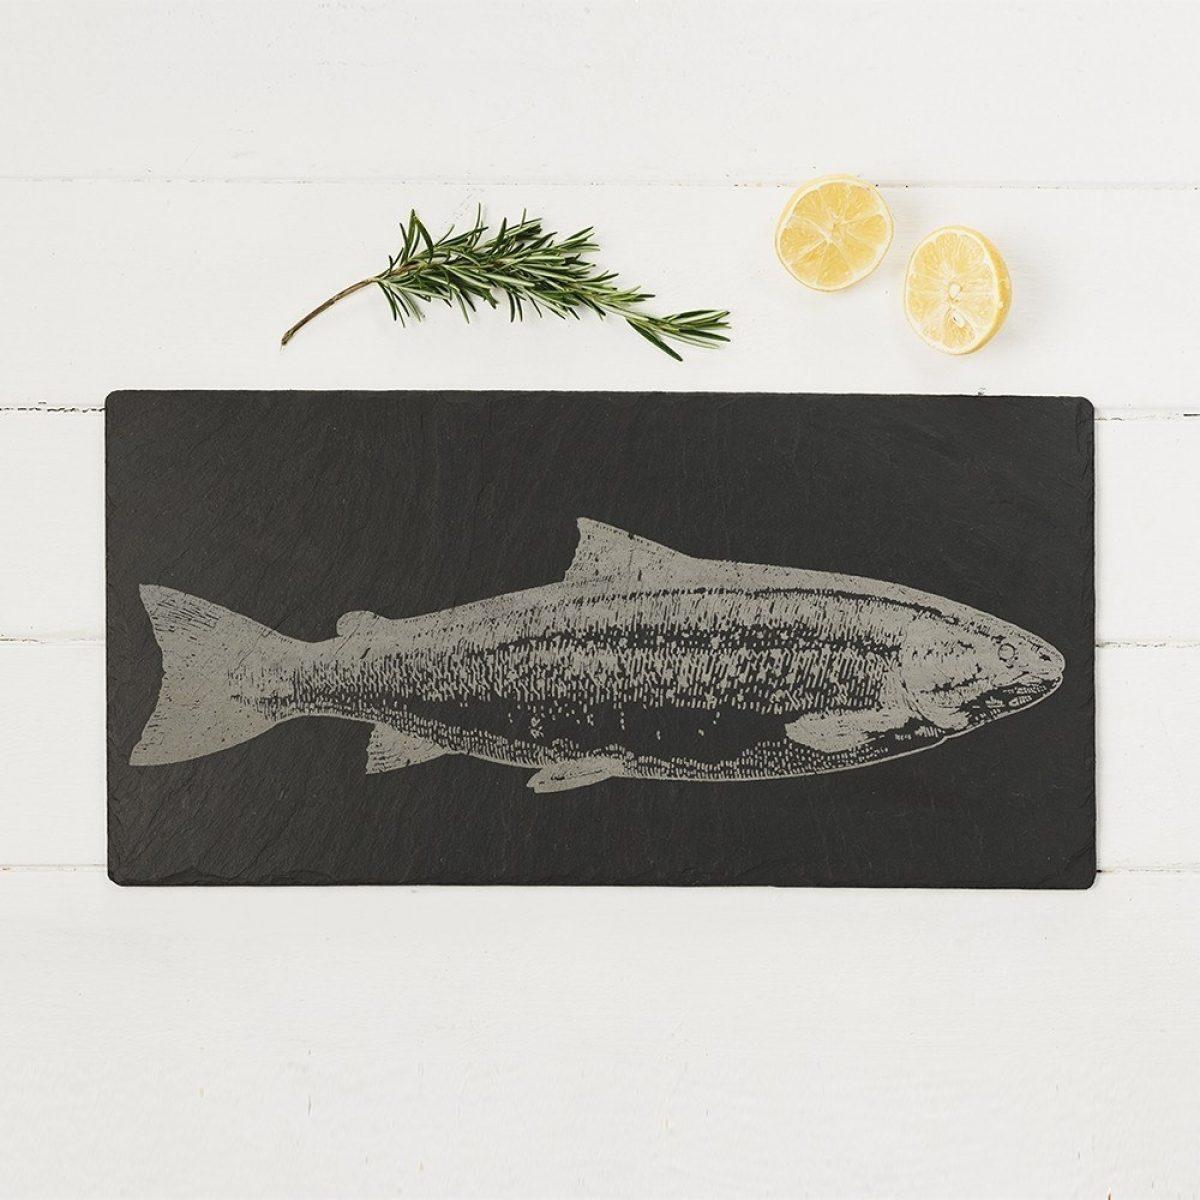 Jstrs salmon slate table runner 1